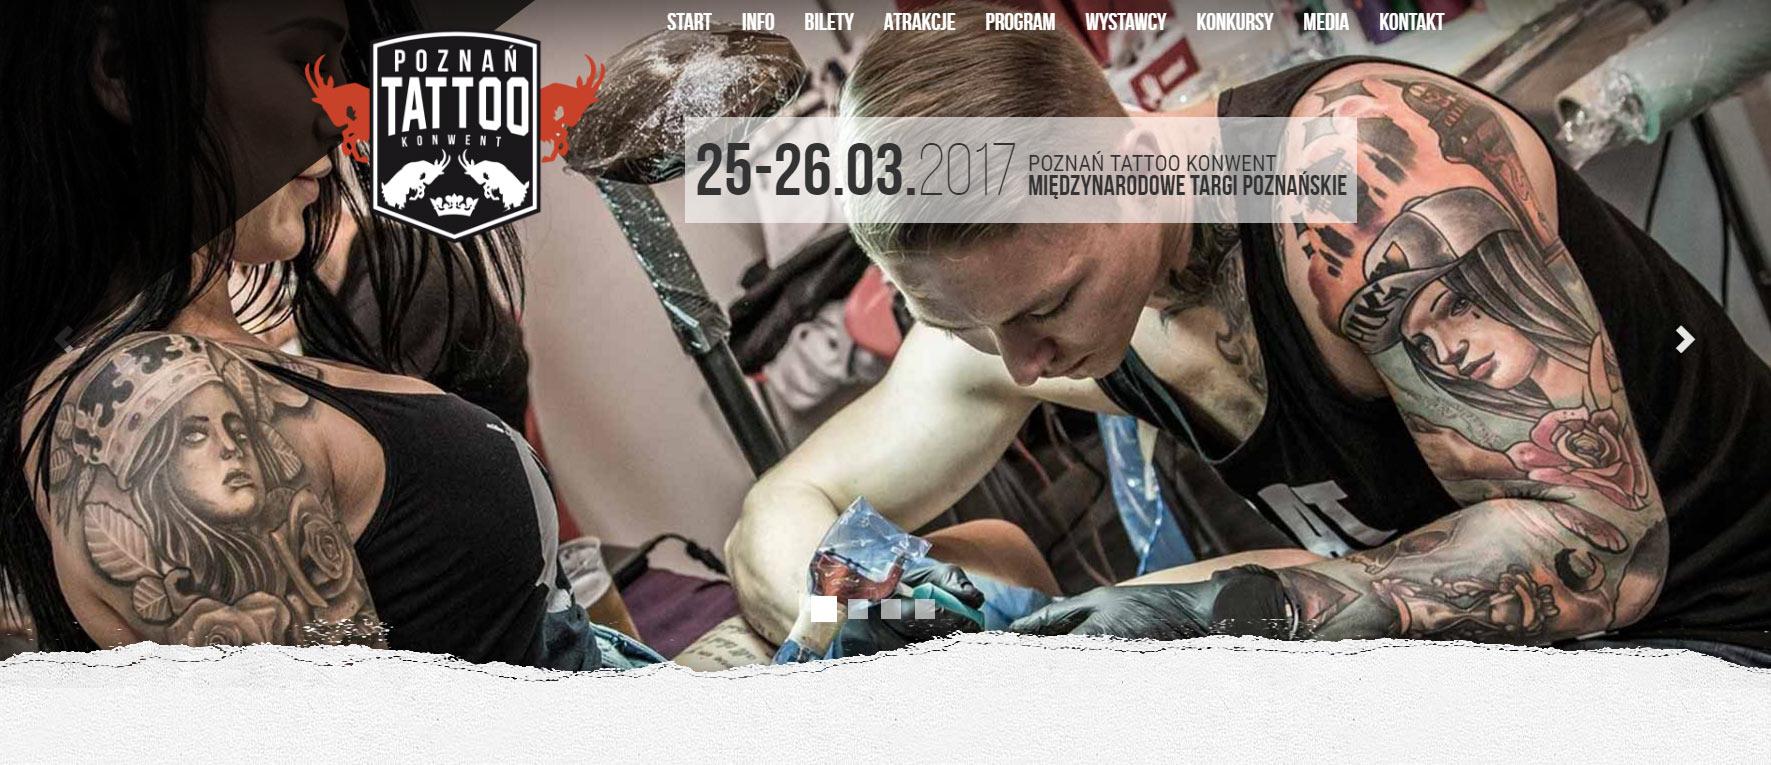 Poznań Tattoo Konwent 2017